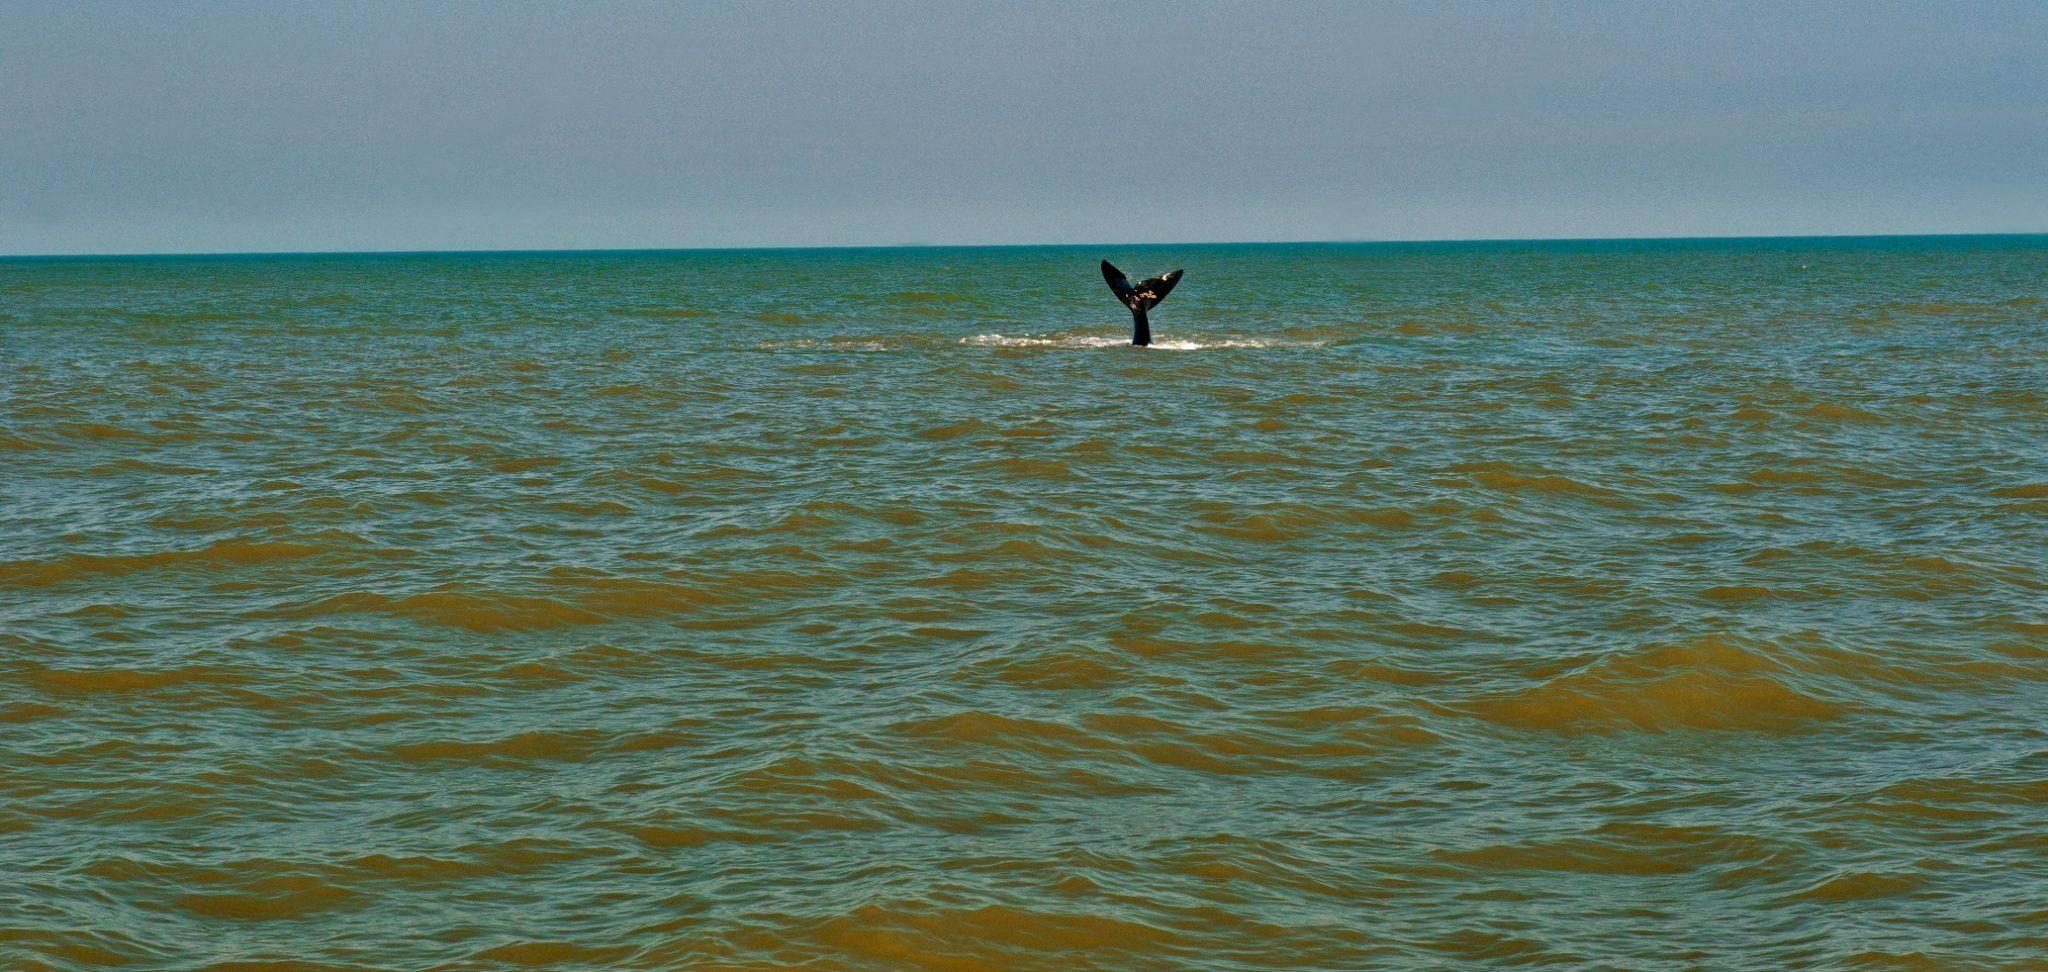 A falta de áreas protegidas no litoral brasileiro, imagem cauda apa baleia franca